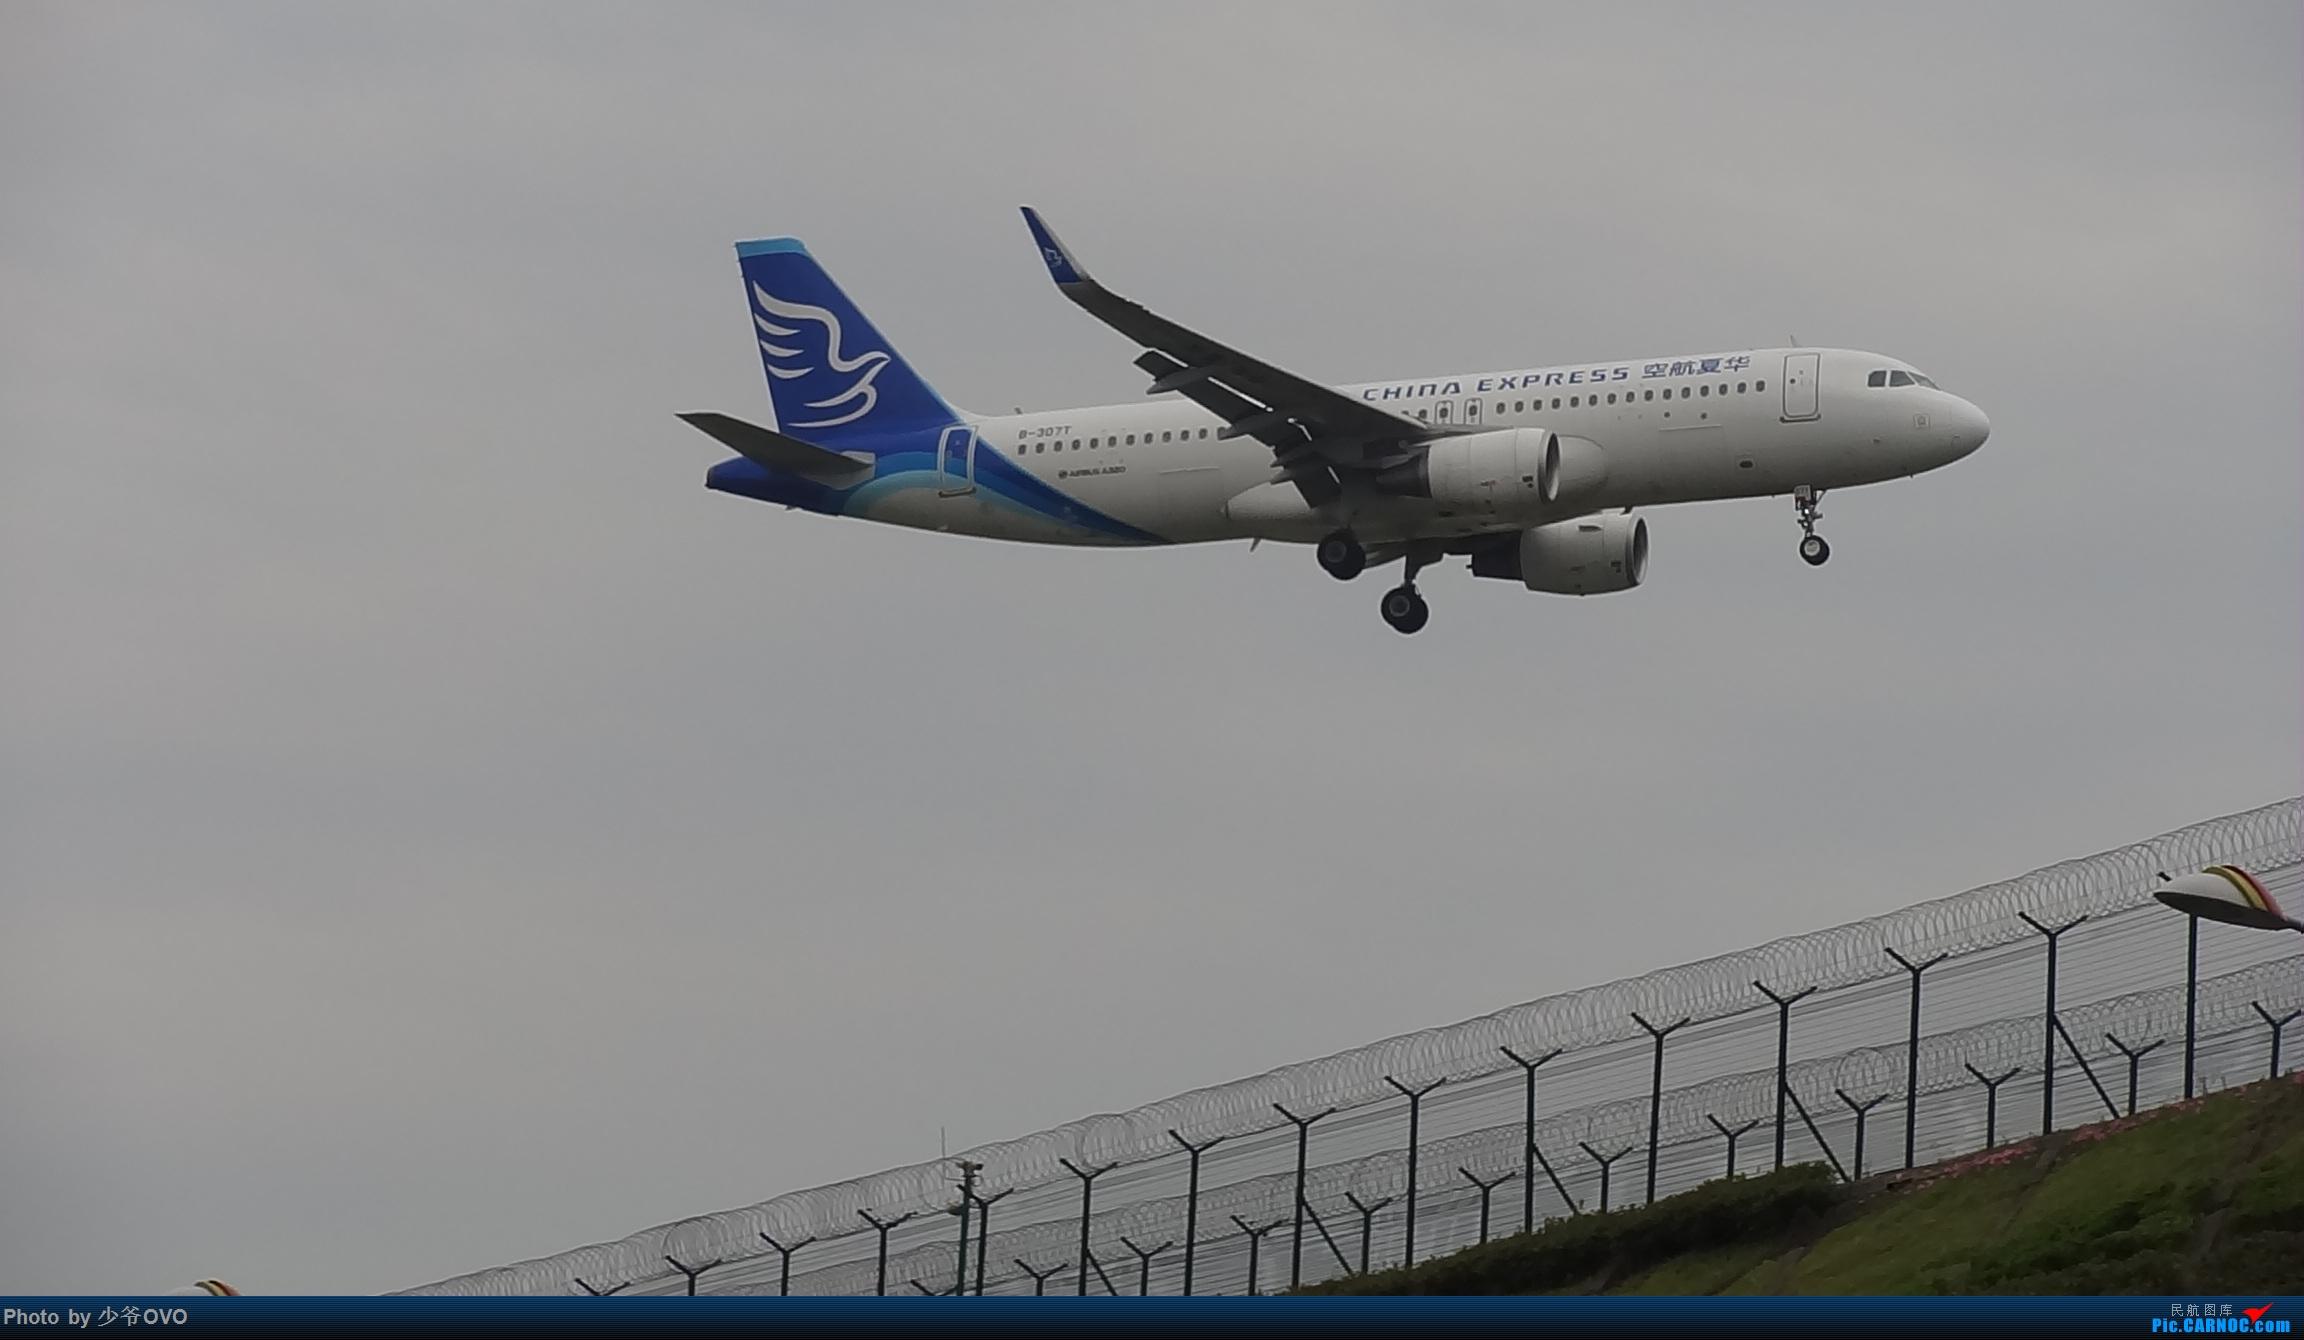 Re:[原创]CKG拍机,数码机最后的倔强 AIRBUS A320-200 B-307T 中国重庆江北国际机场